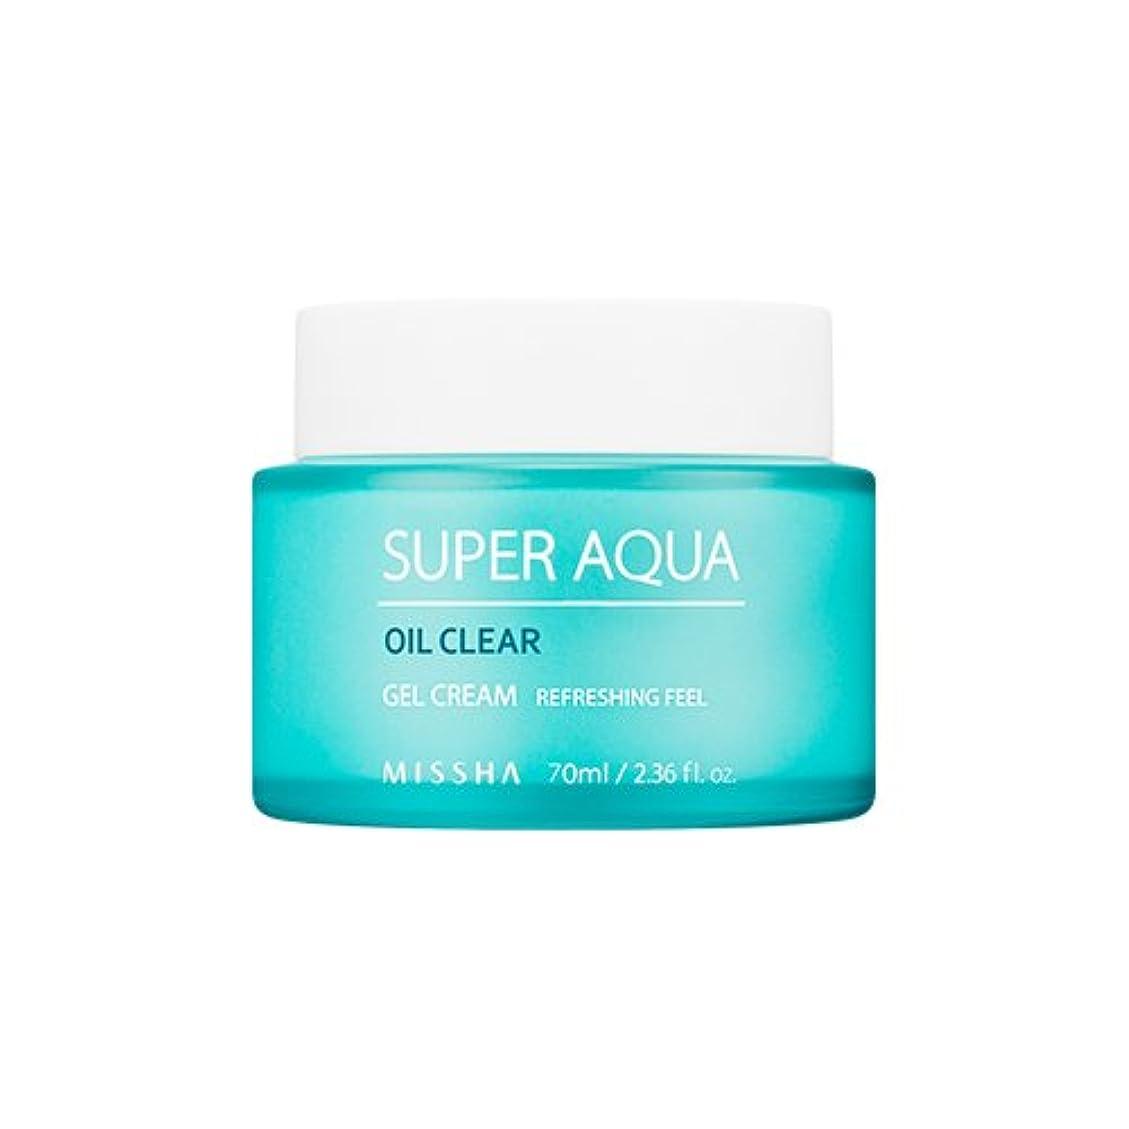 寮ベジタリアン安らぎMISSHA Super Aqua Oil Clear Gel Cream 70ml/ミシャ スーパー アクア オイル クリア ジェル クリーム 70ml [並行輸入品]